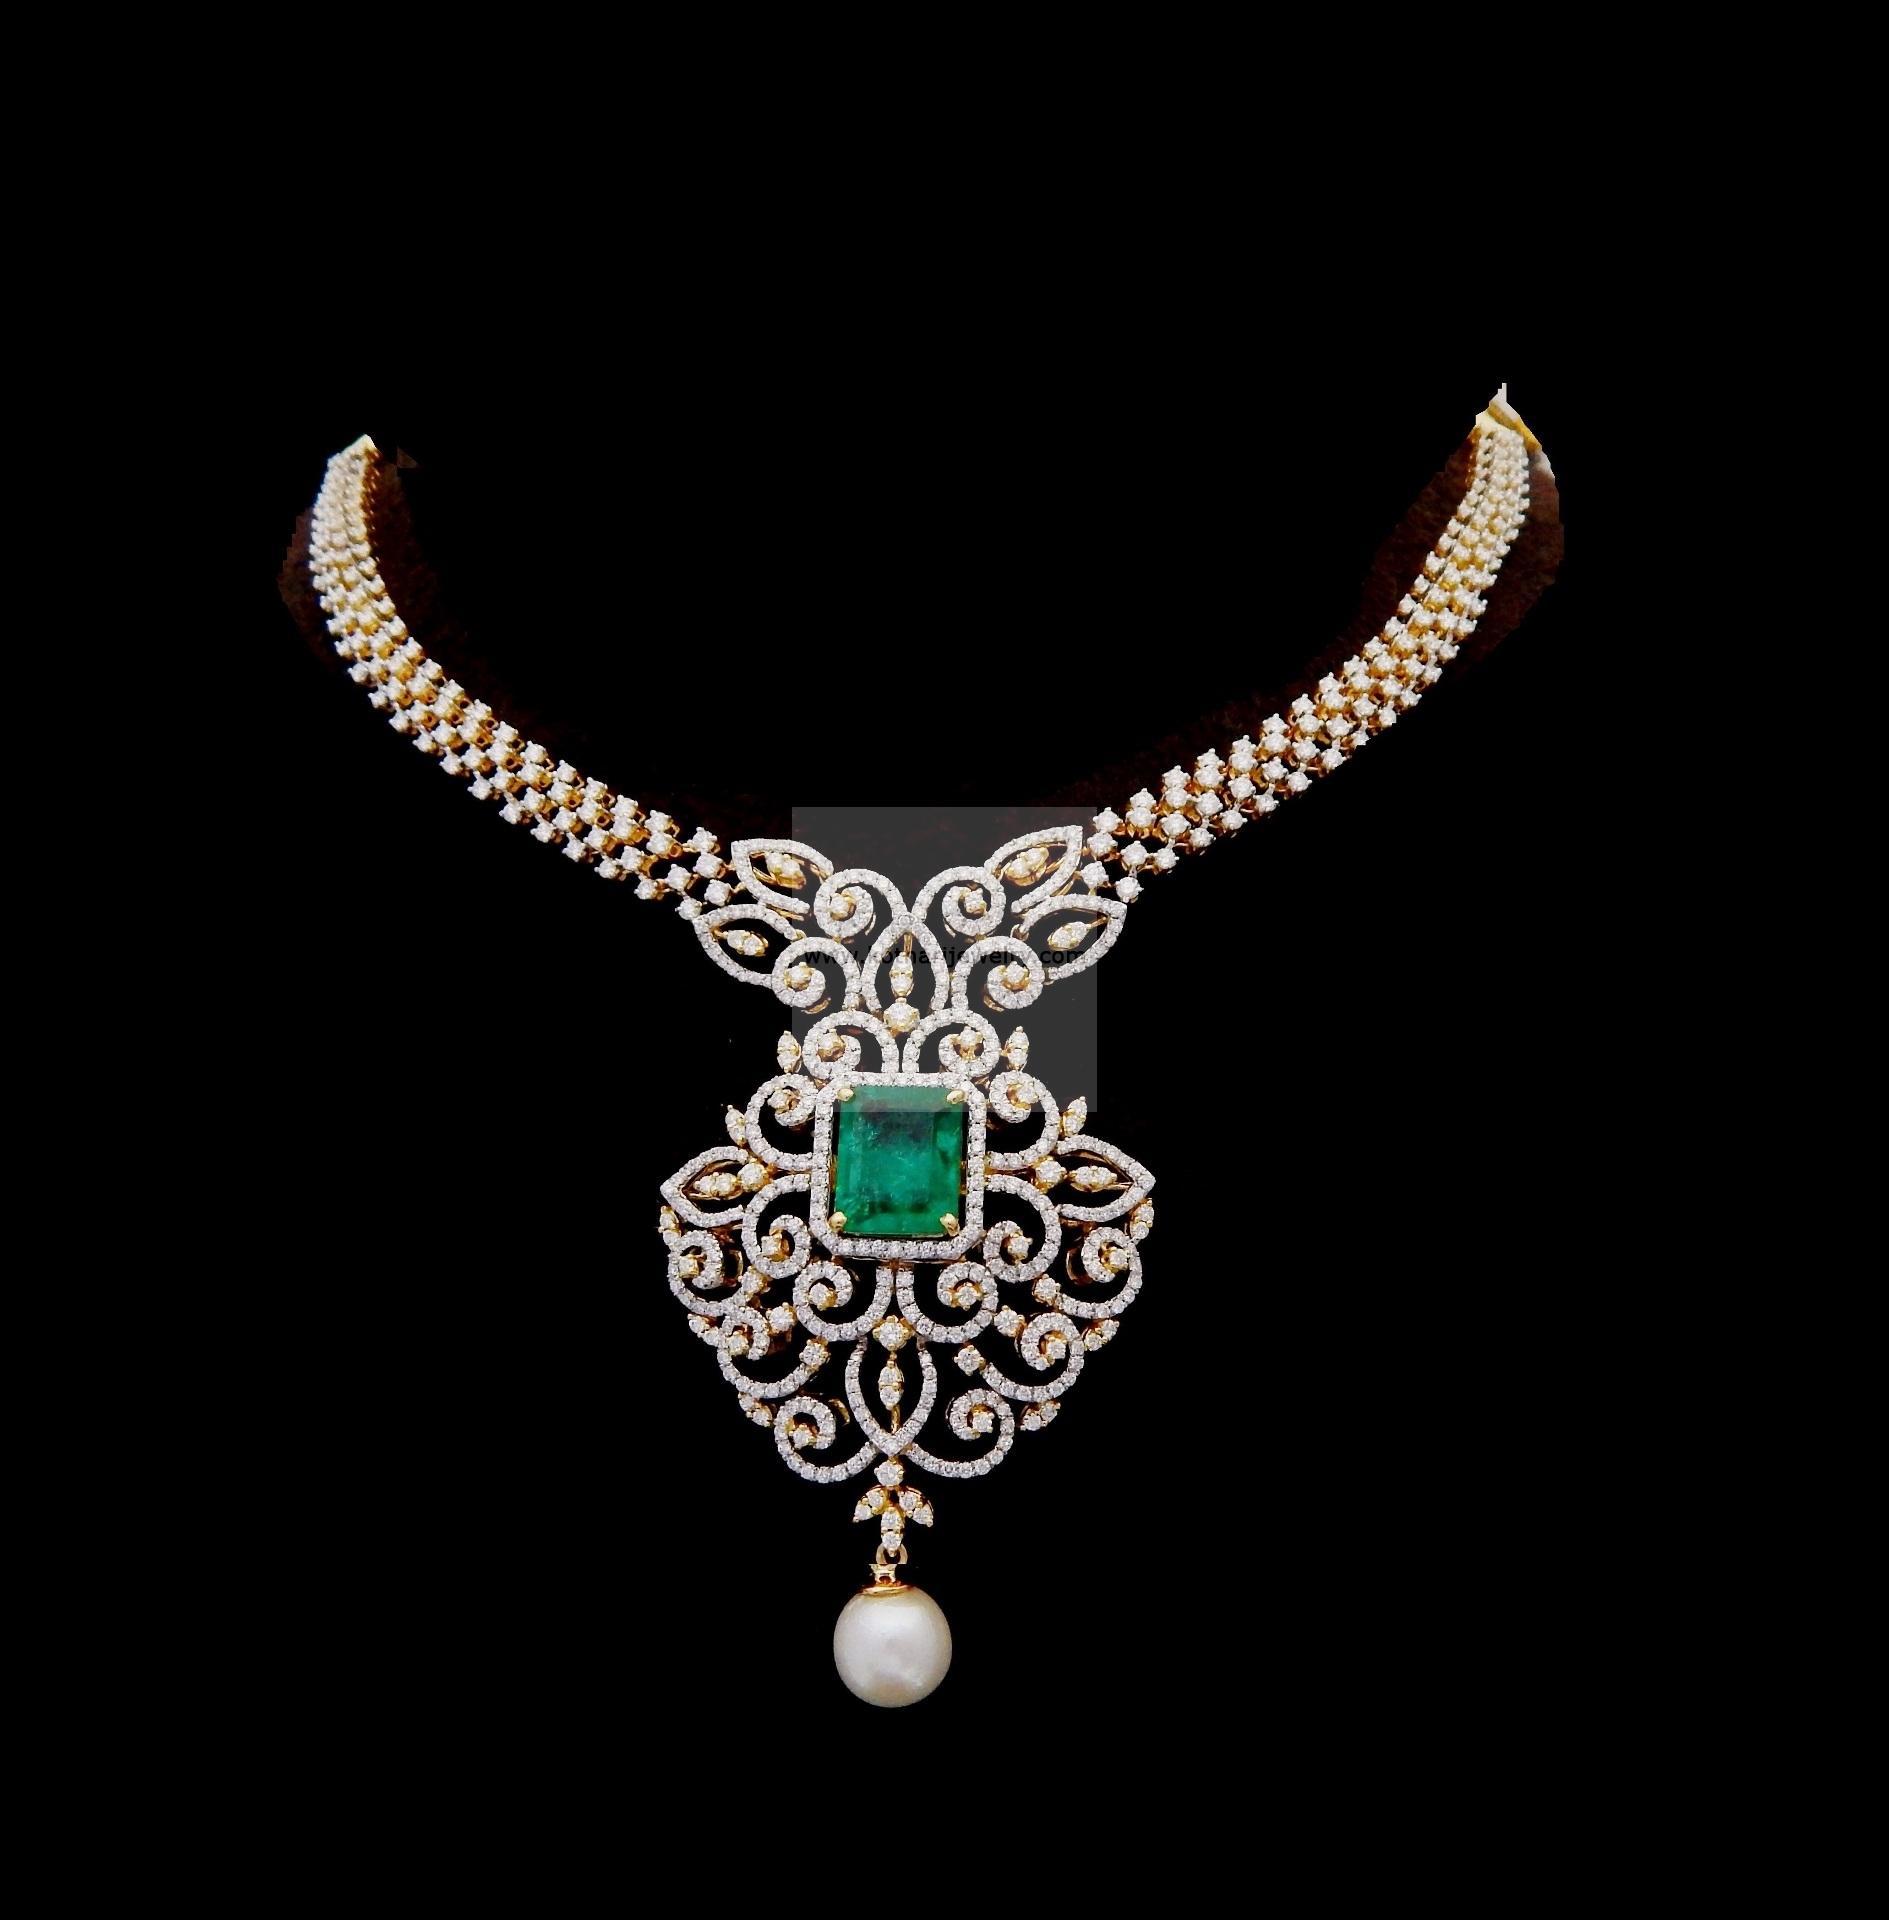 Diamond Necklace Diamond Necklace Diamond Necklace Diamond